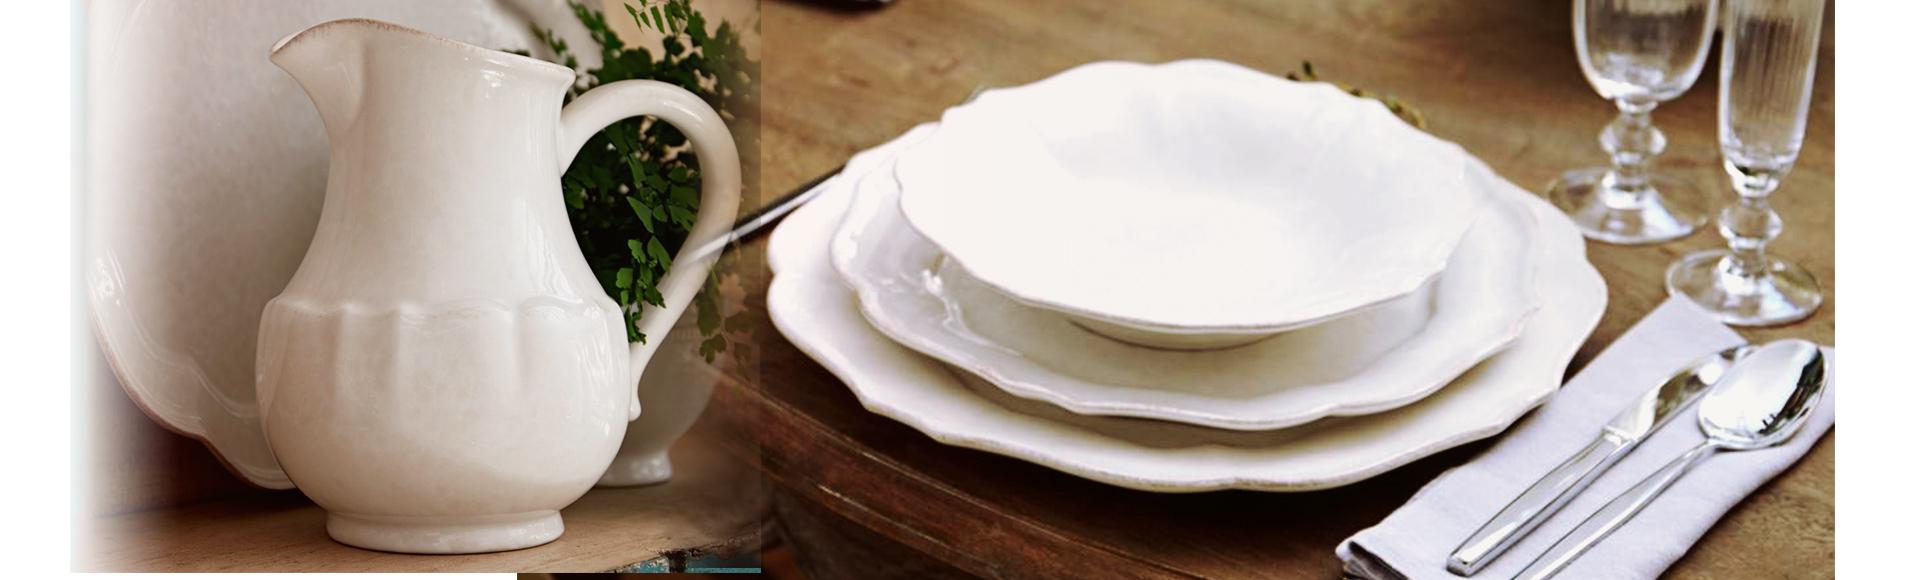 ポルトガルのテーブルウェアブランドCOSTANOVAの姉妹ブランドCasafina。記憶に残るなつかしい家庭の食卓の温かみのあるイメージを大切にしたブランドです